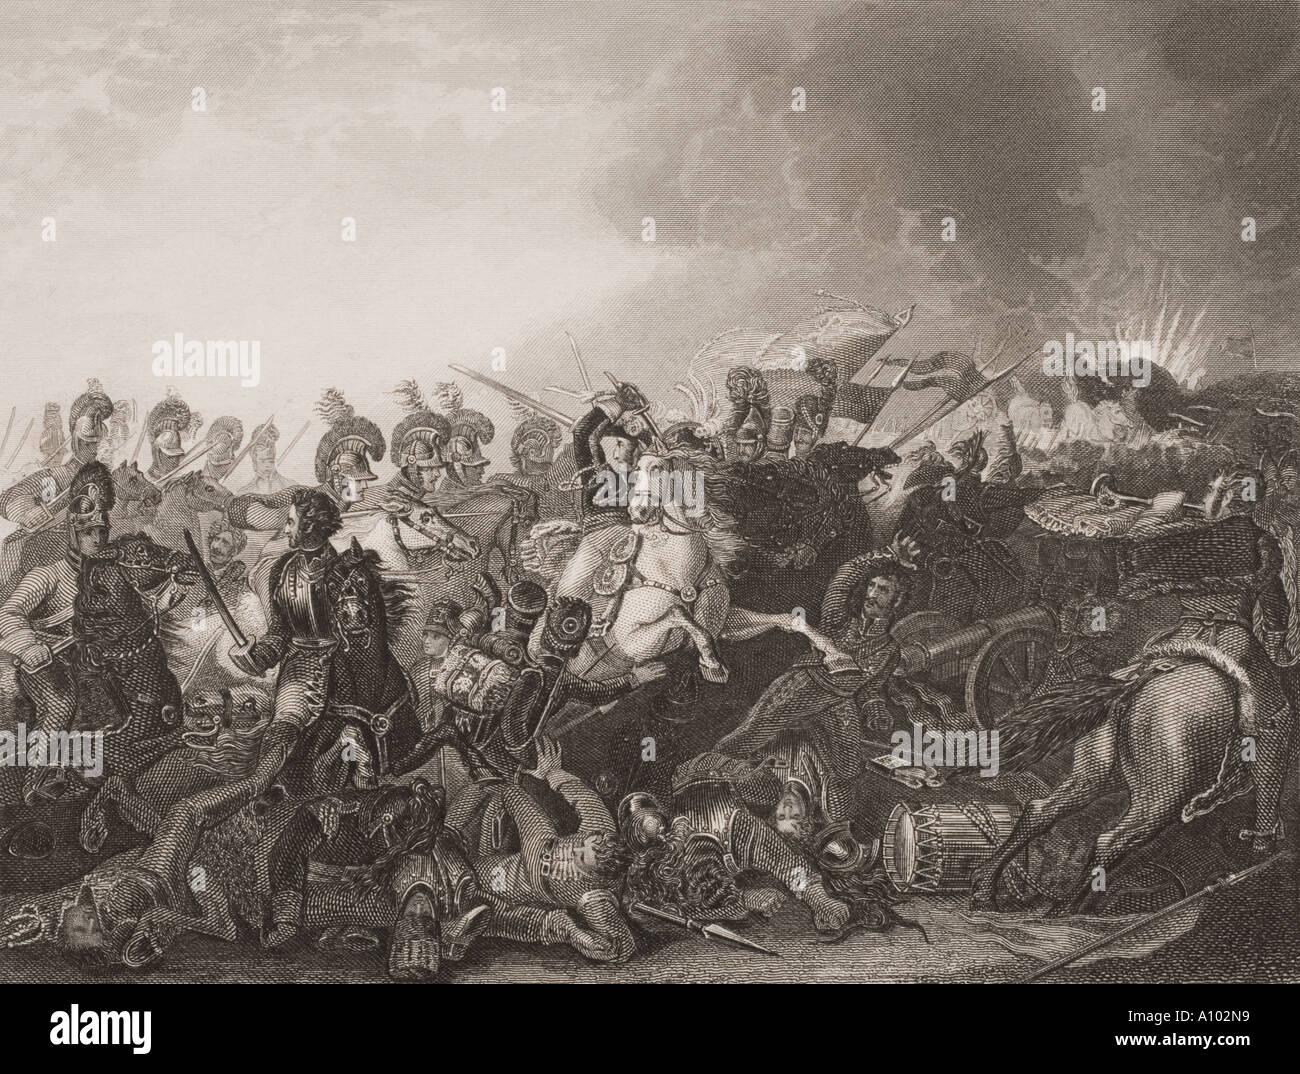 La carga decisiva de los protectores de la vida en la batalla de Waterloo en Bélgica el 18 de junio de 1815 Imagen De Stock